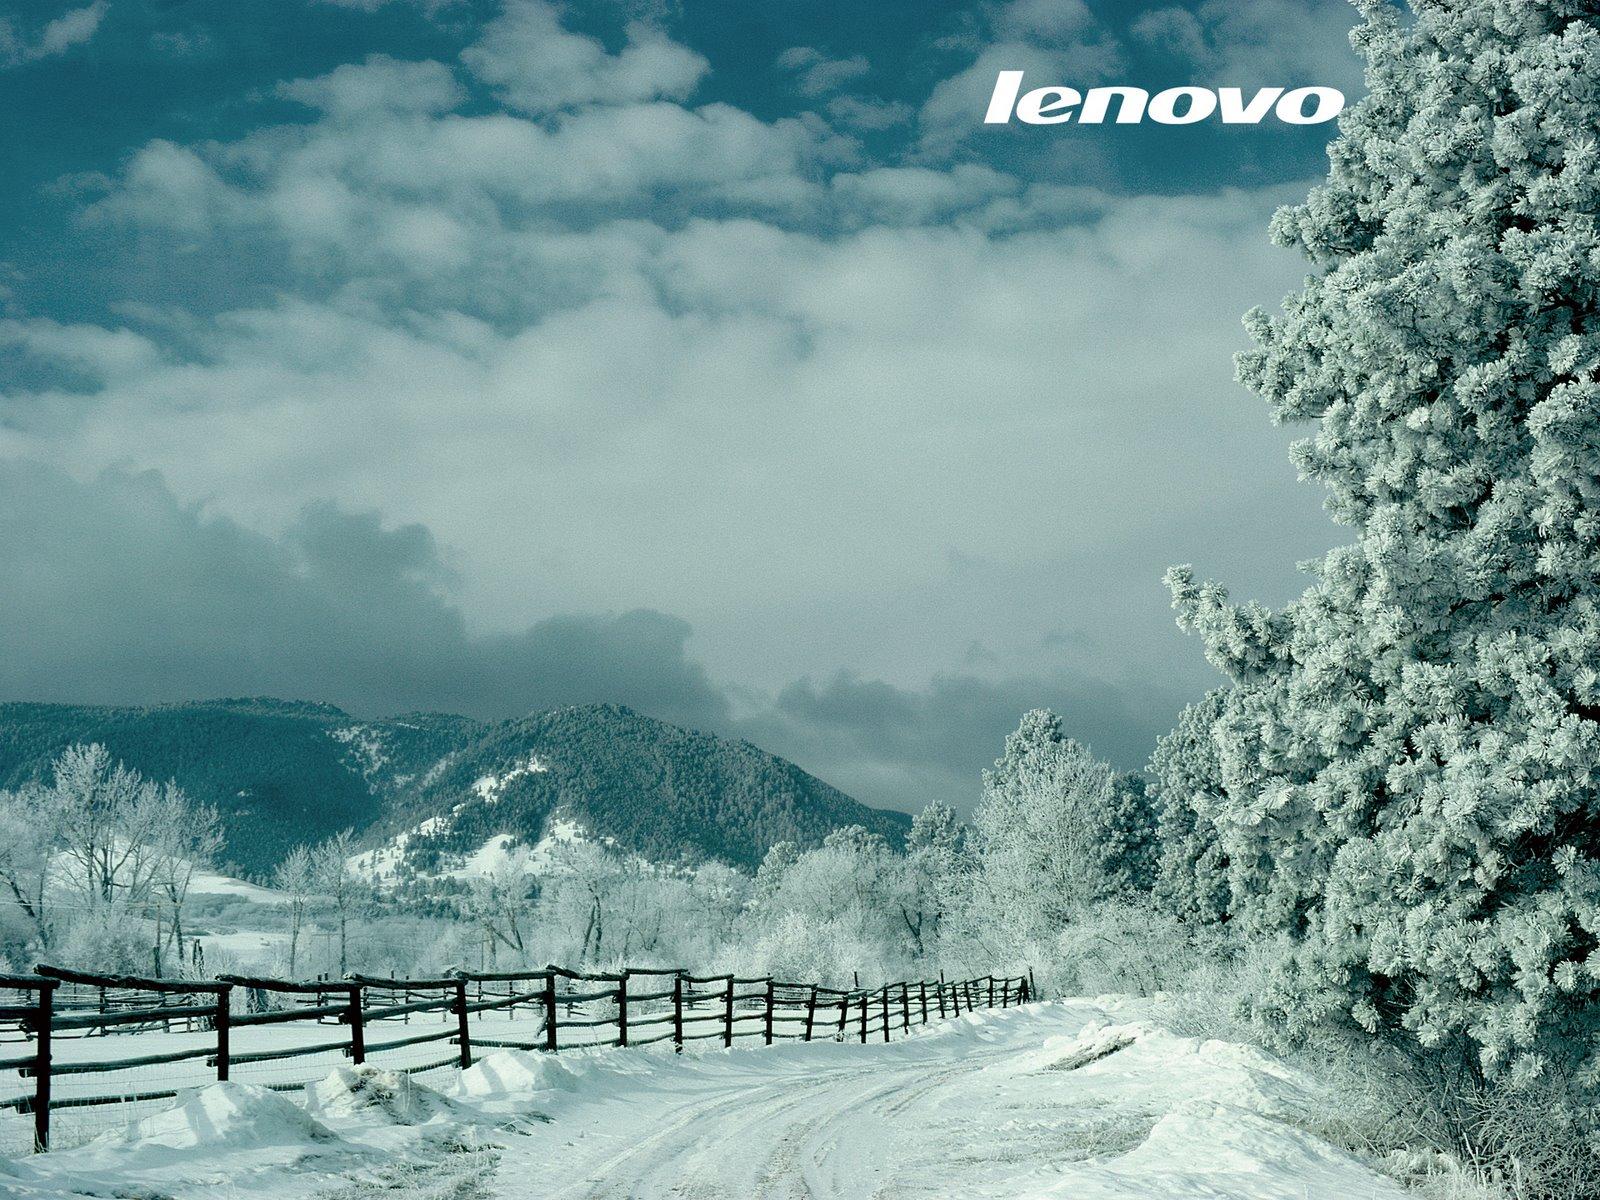 Unduh 103 Wallpaper Bergerak Lenovo Gratis Terbaik